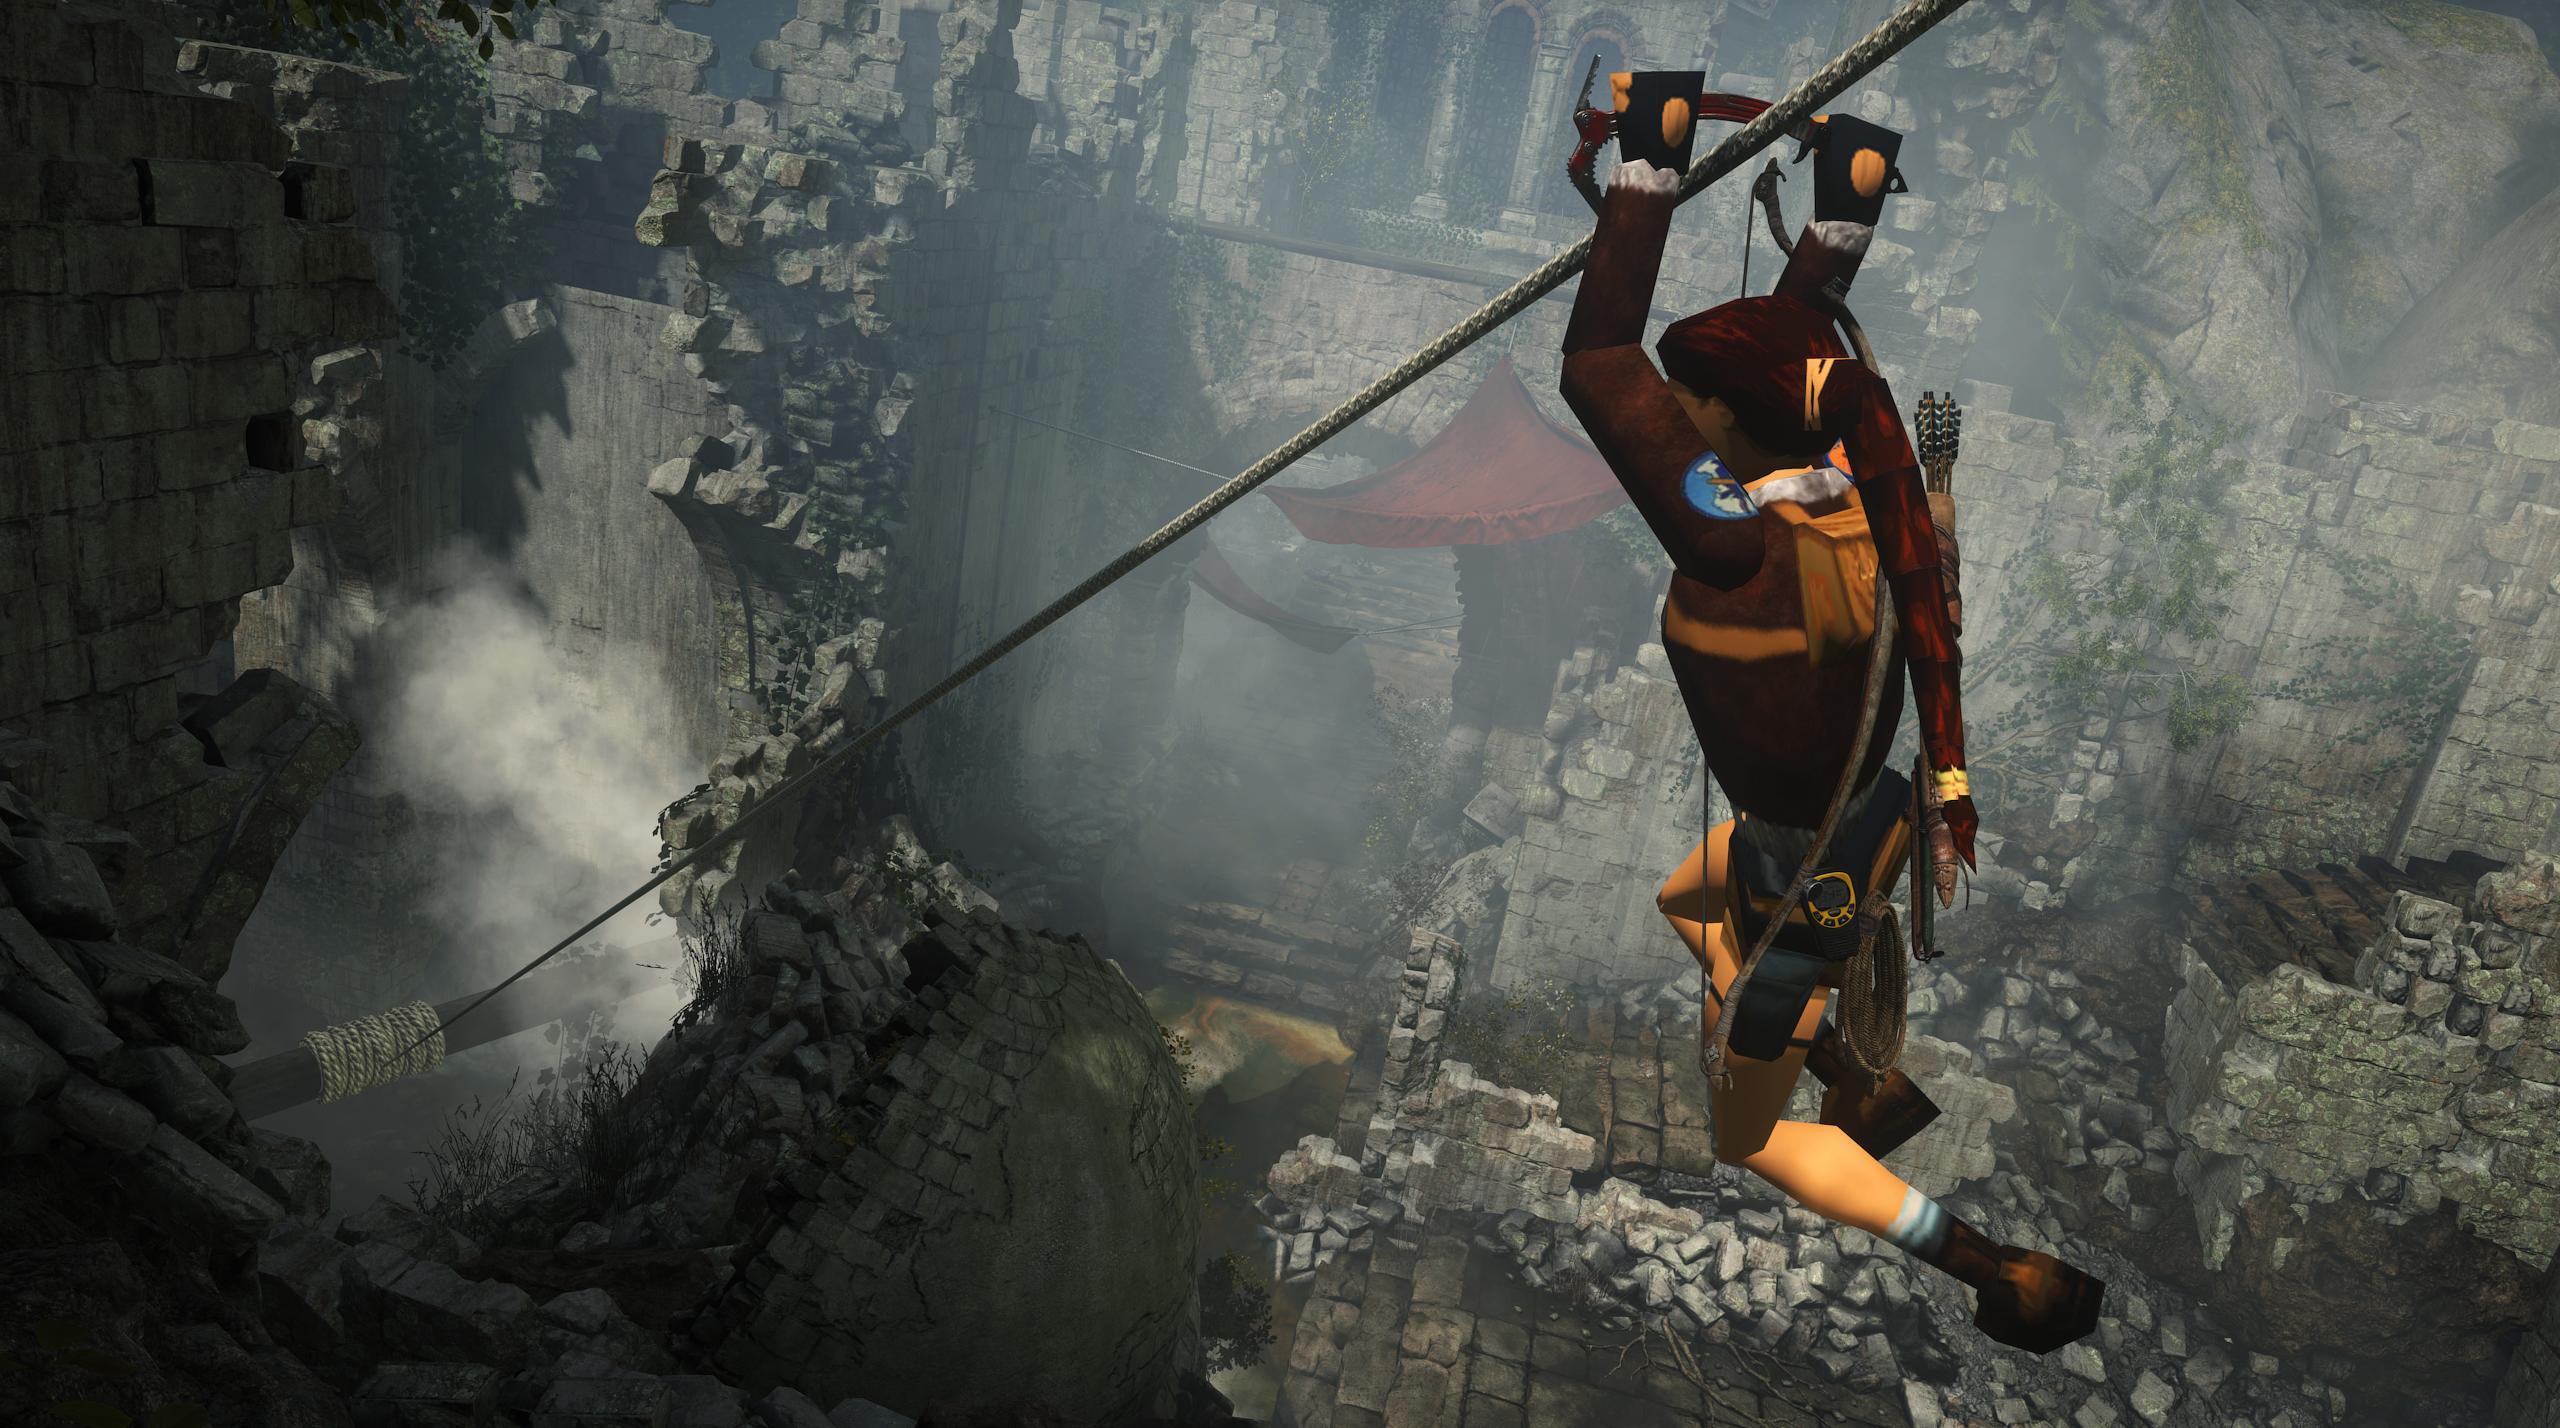 Několik nových obrázků z připravovaných DLC pro Rise of the Tomb Raider 128709